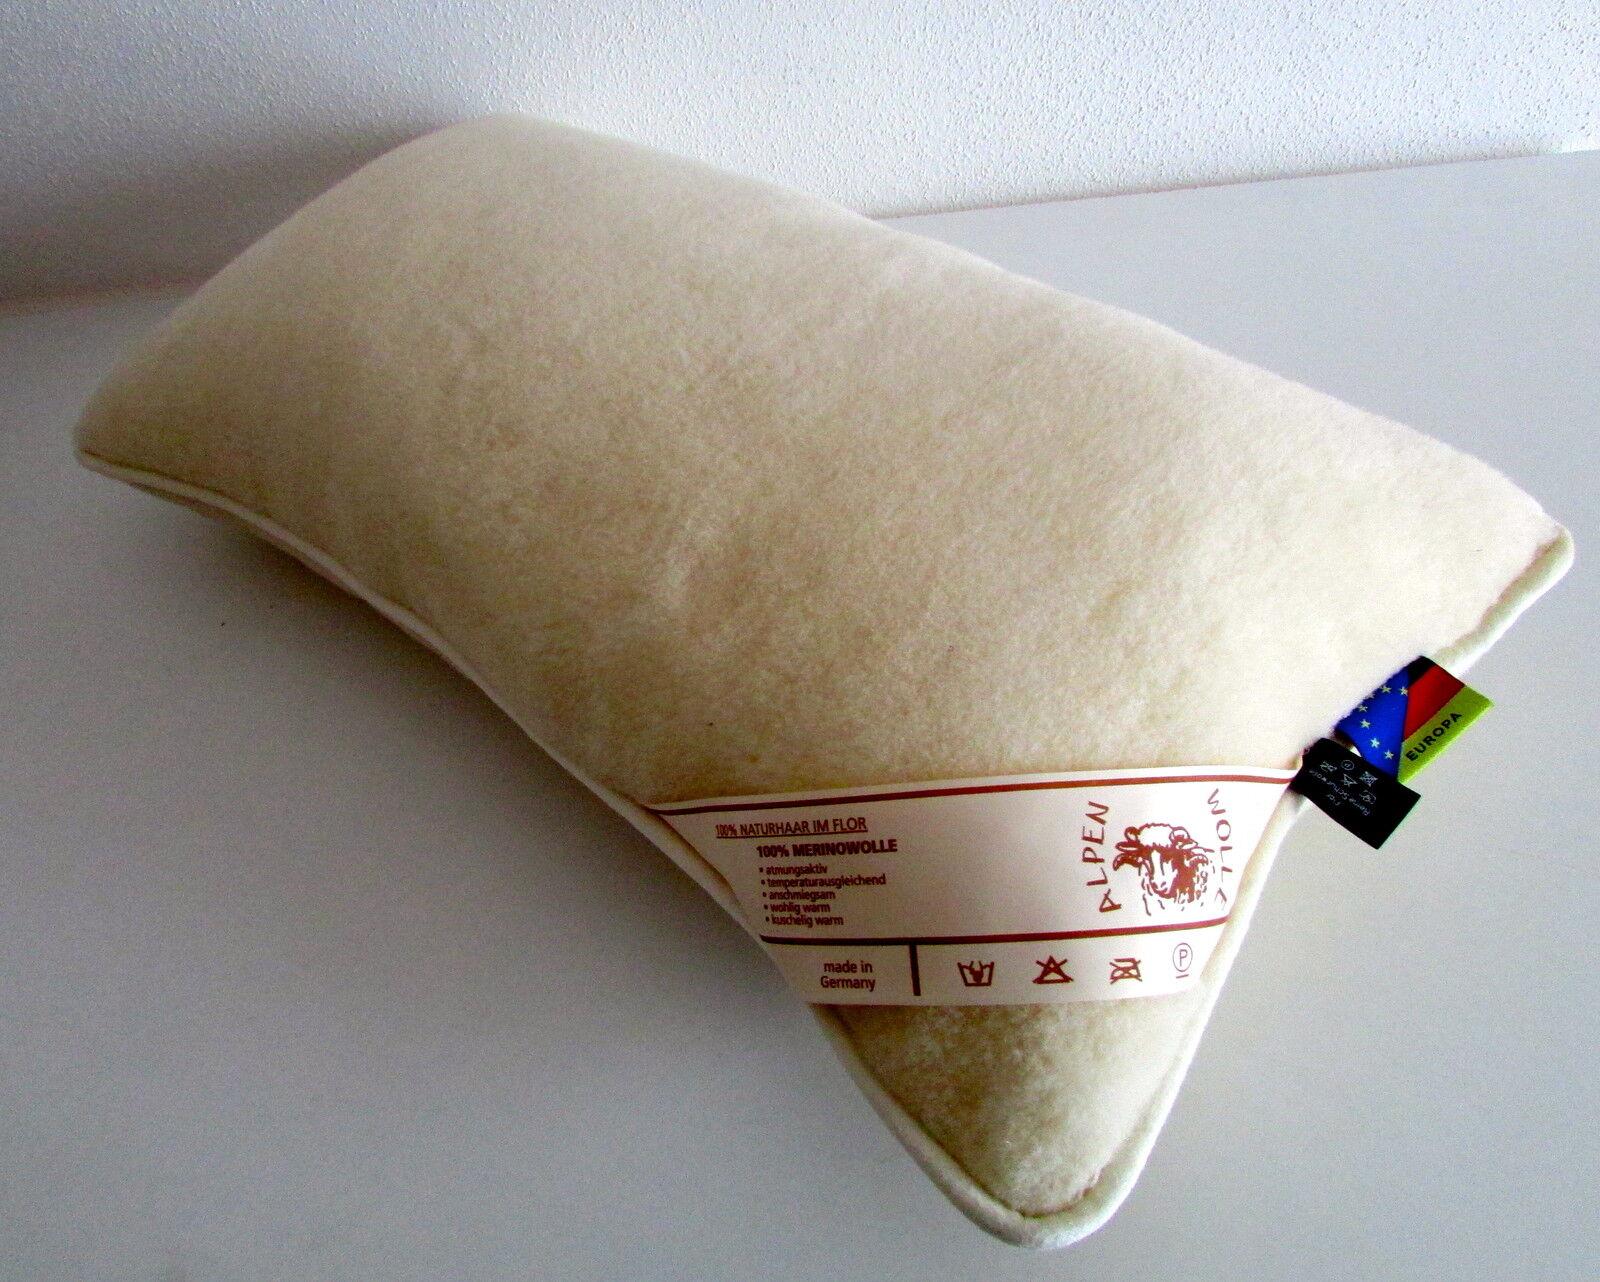 Cuscino Cuscino Cuscino poggiatesta di lana, per dormire 100% lana Merino Velour + Imbottitura 941543